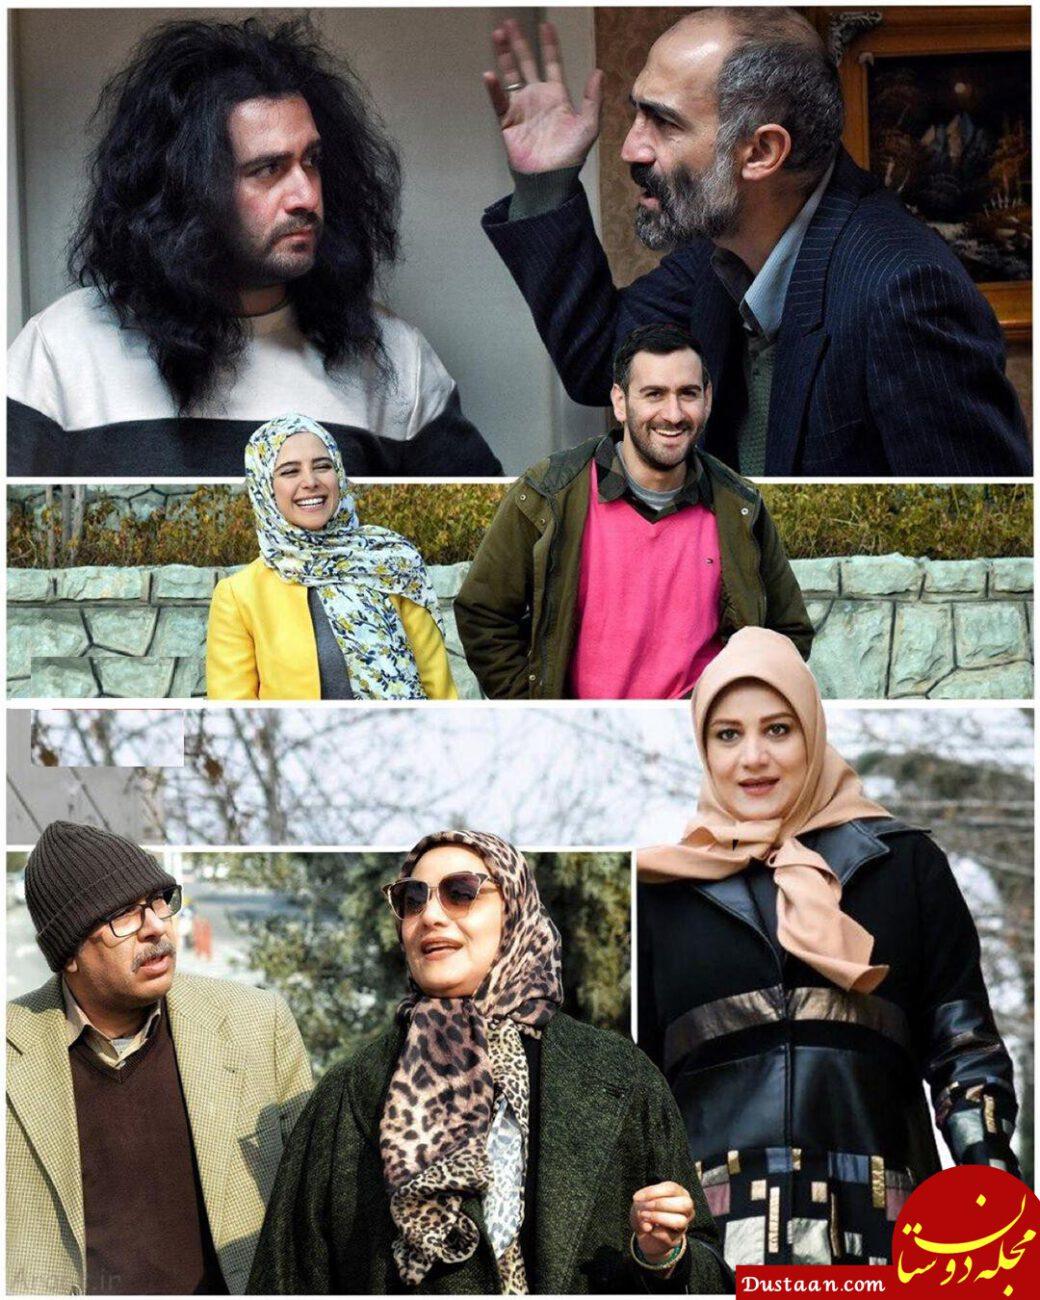 سریال دوپینگ | خلاصه داستان و بازیگران سریال دوپینگ + زمان پخش